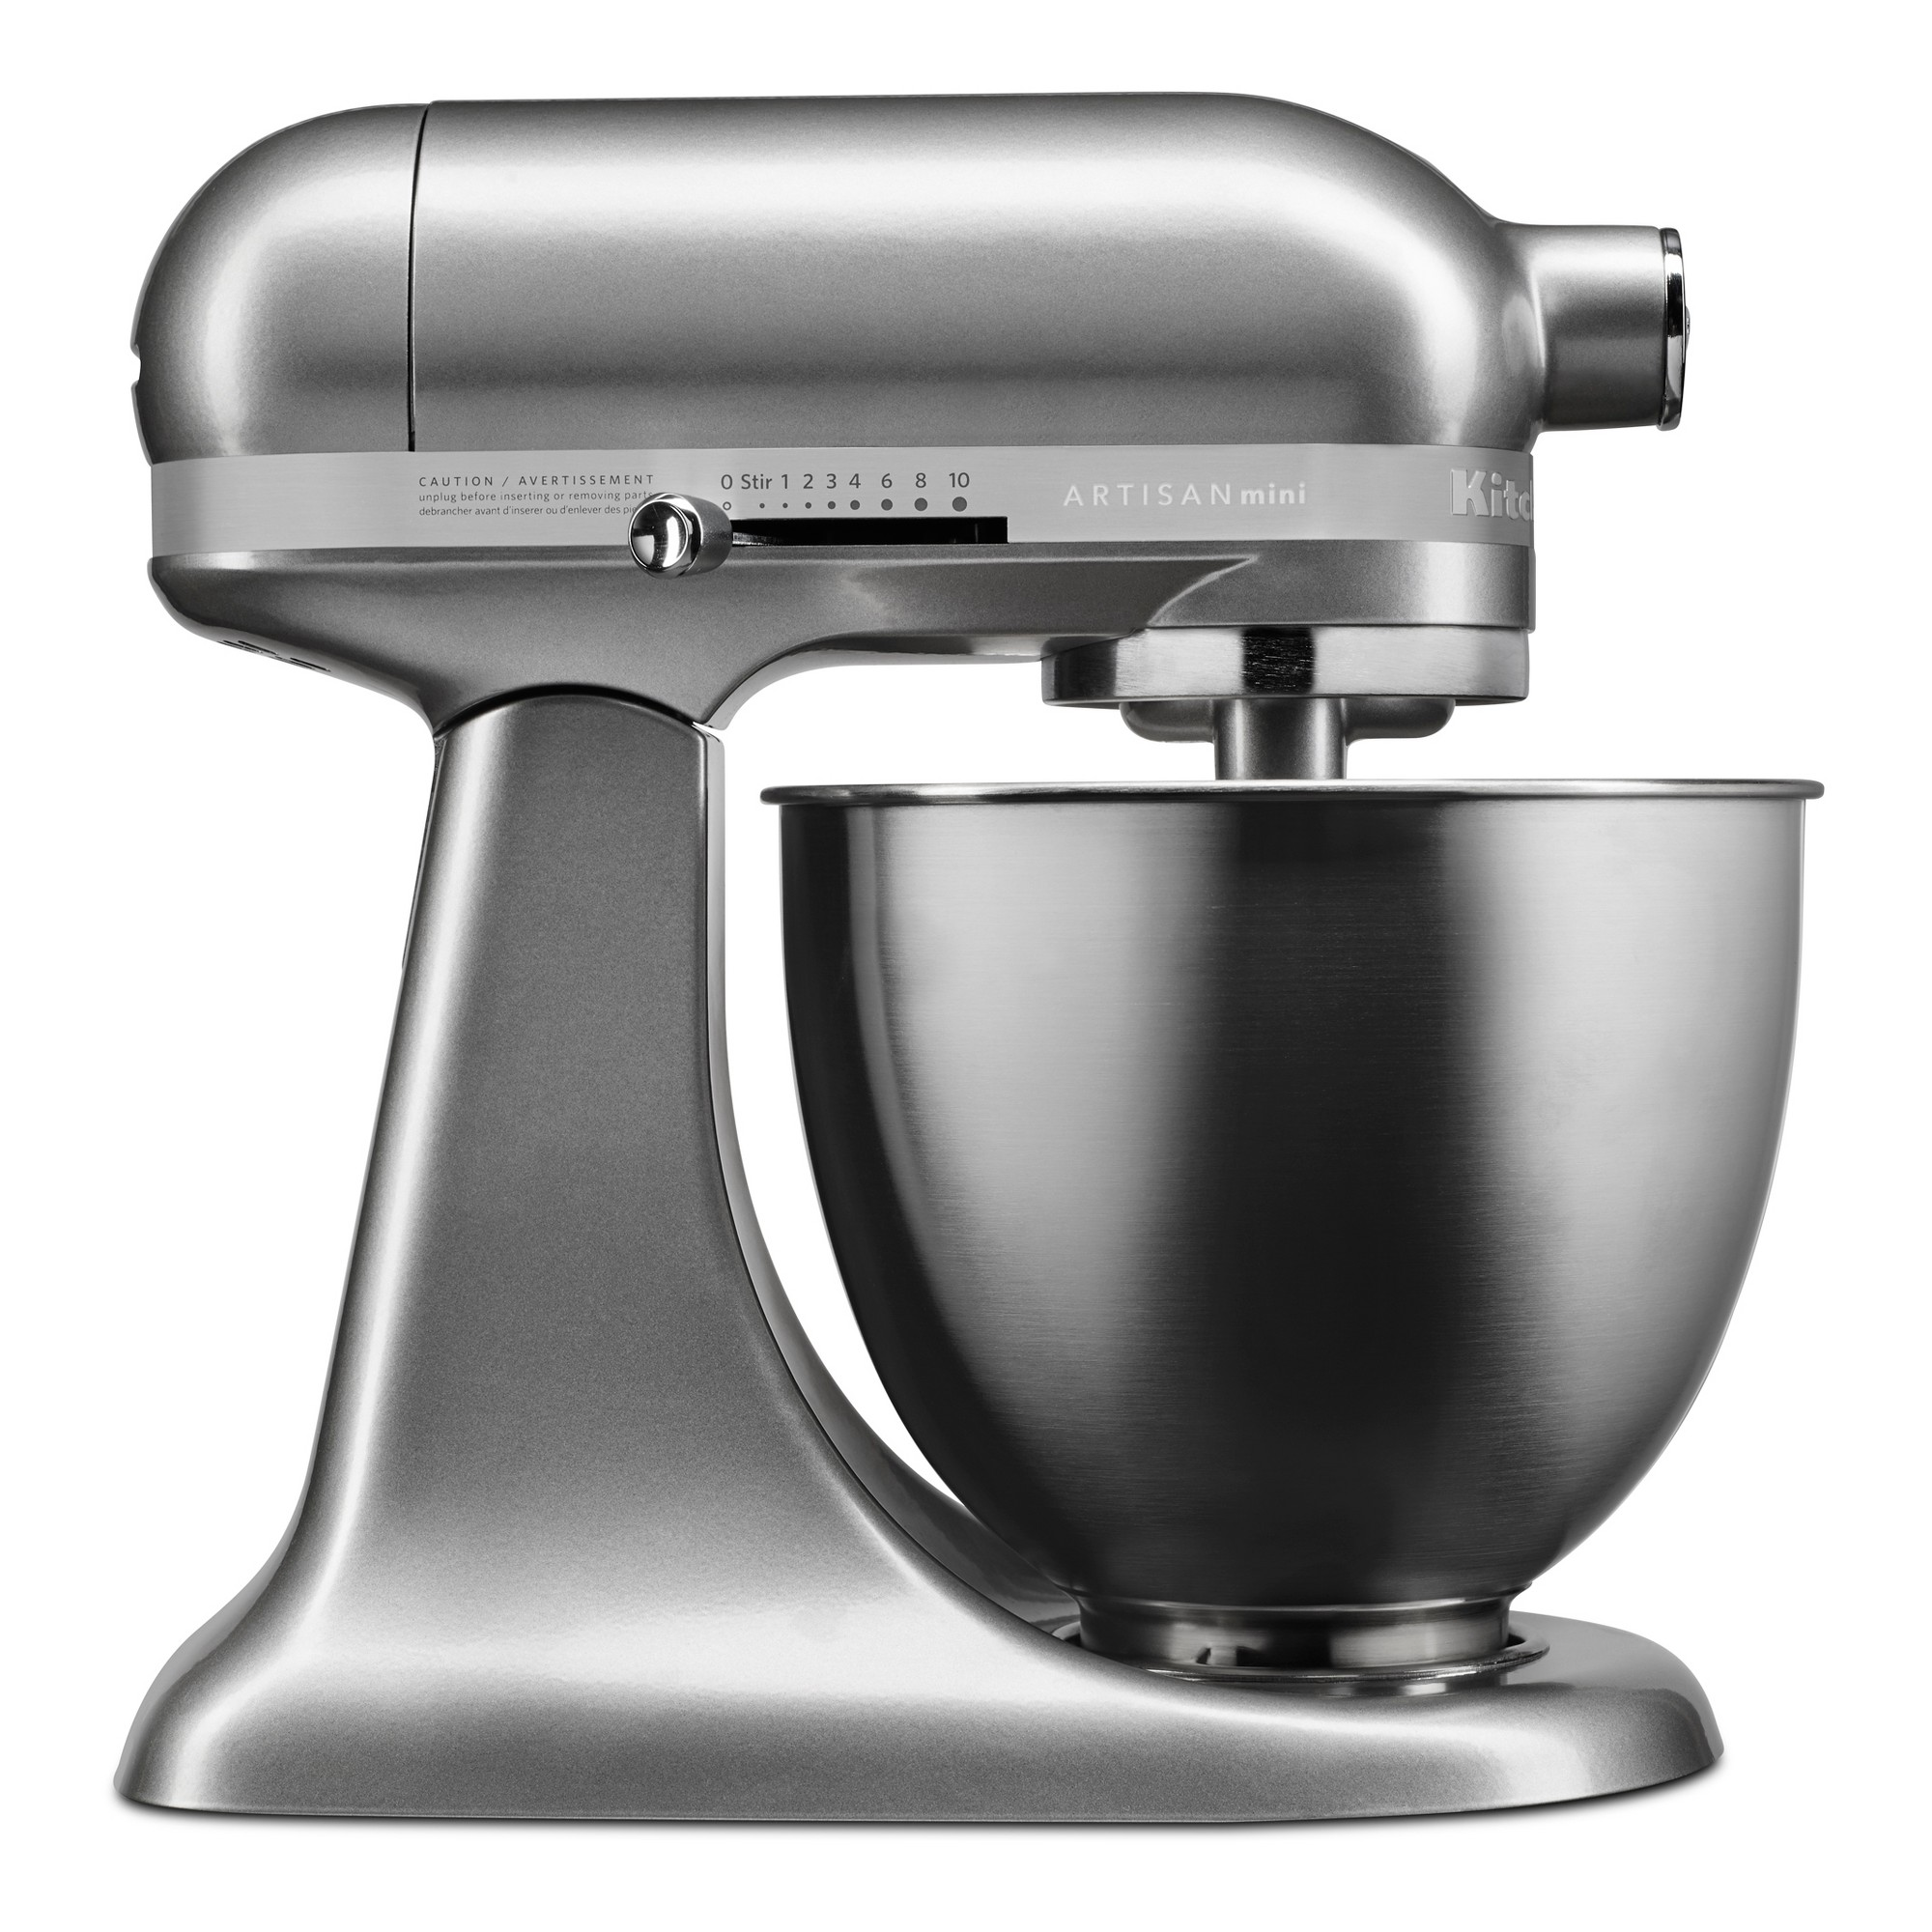 KitchenAid Refurbished Artisan Mini 3 5qt Tilt Head Stand Mixer